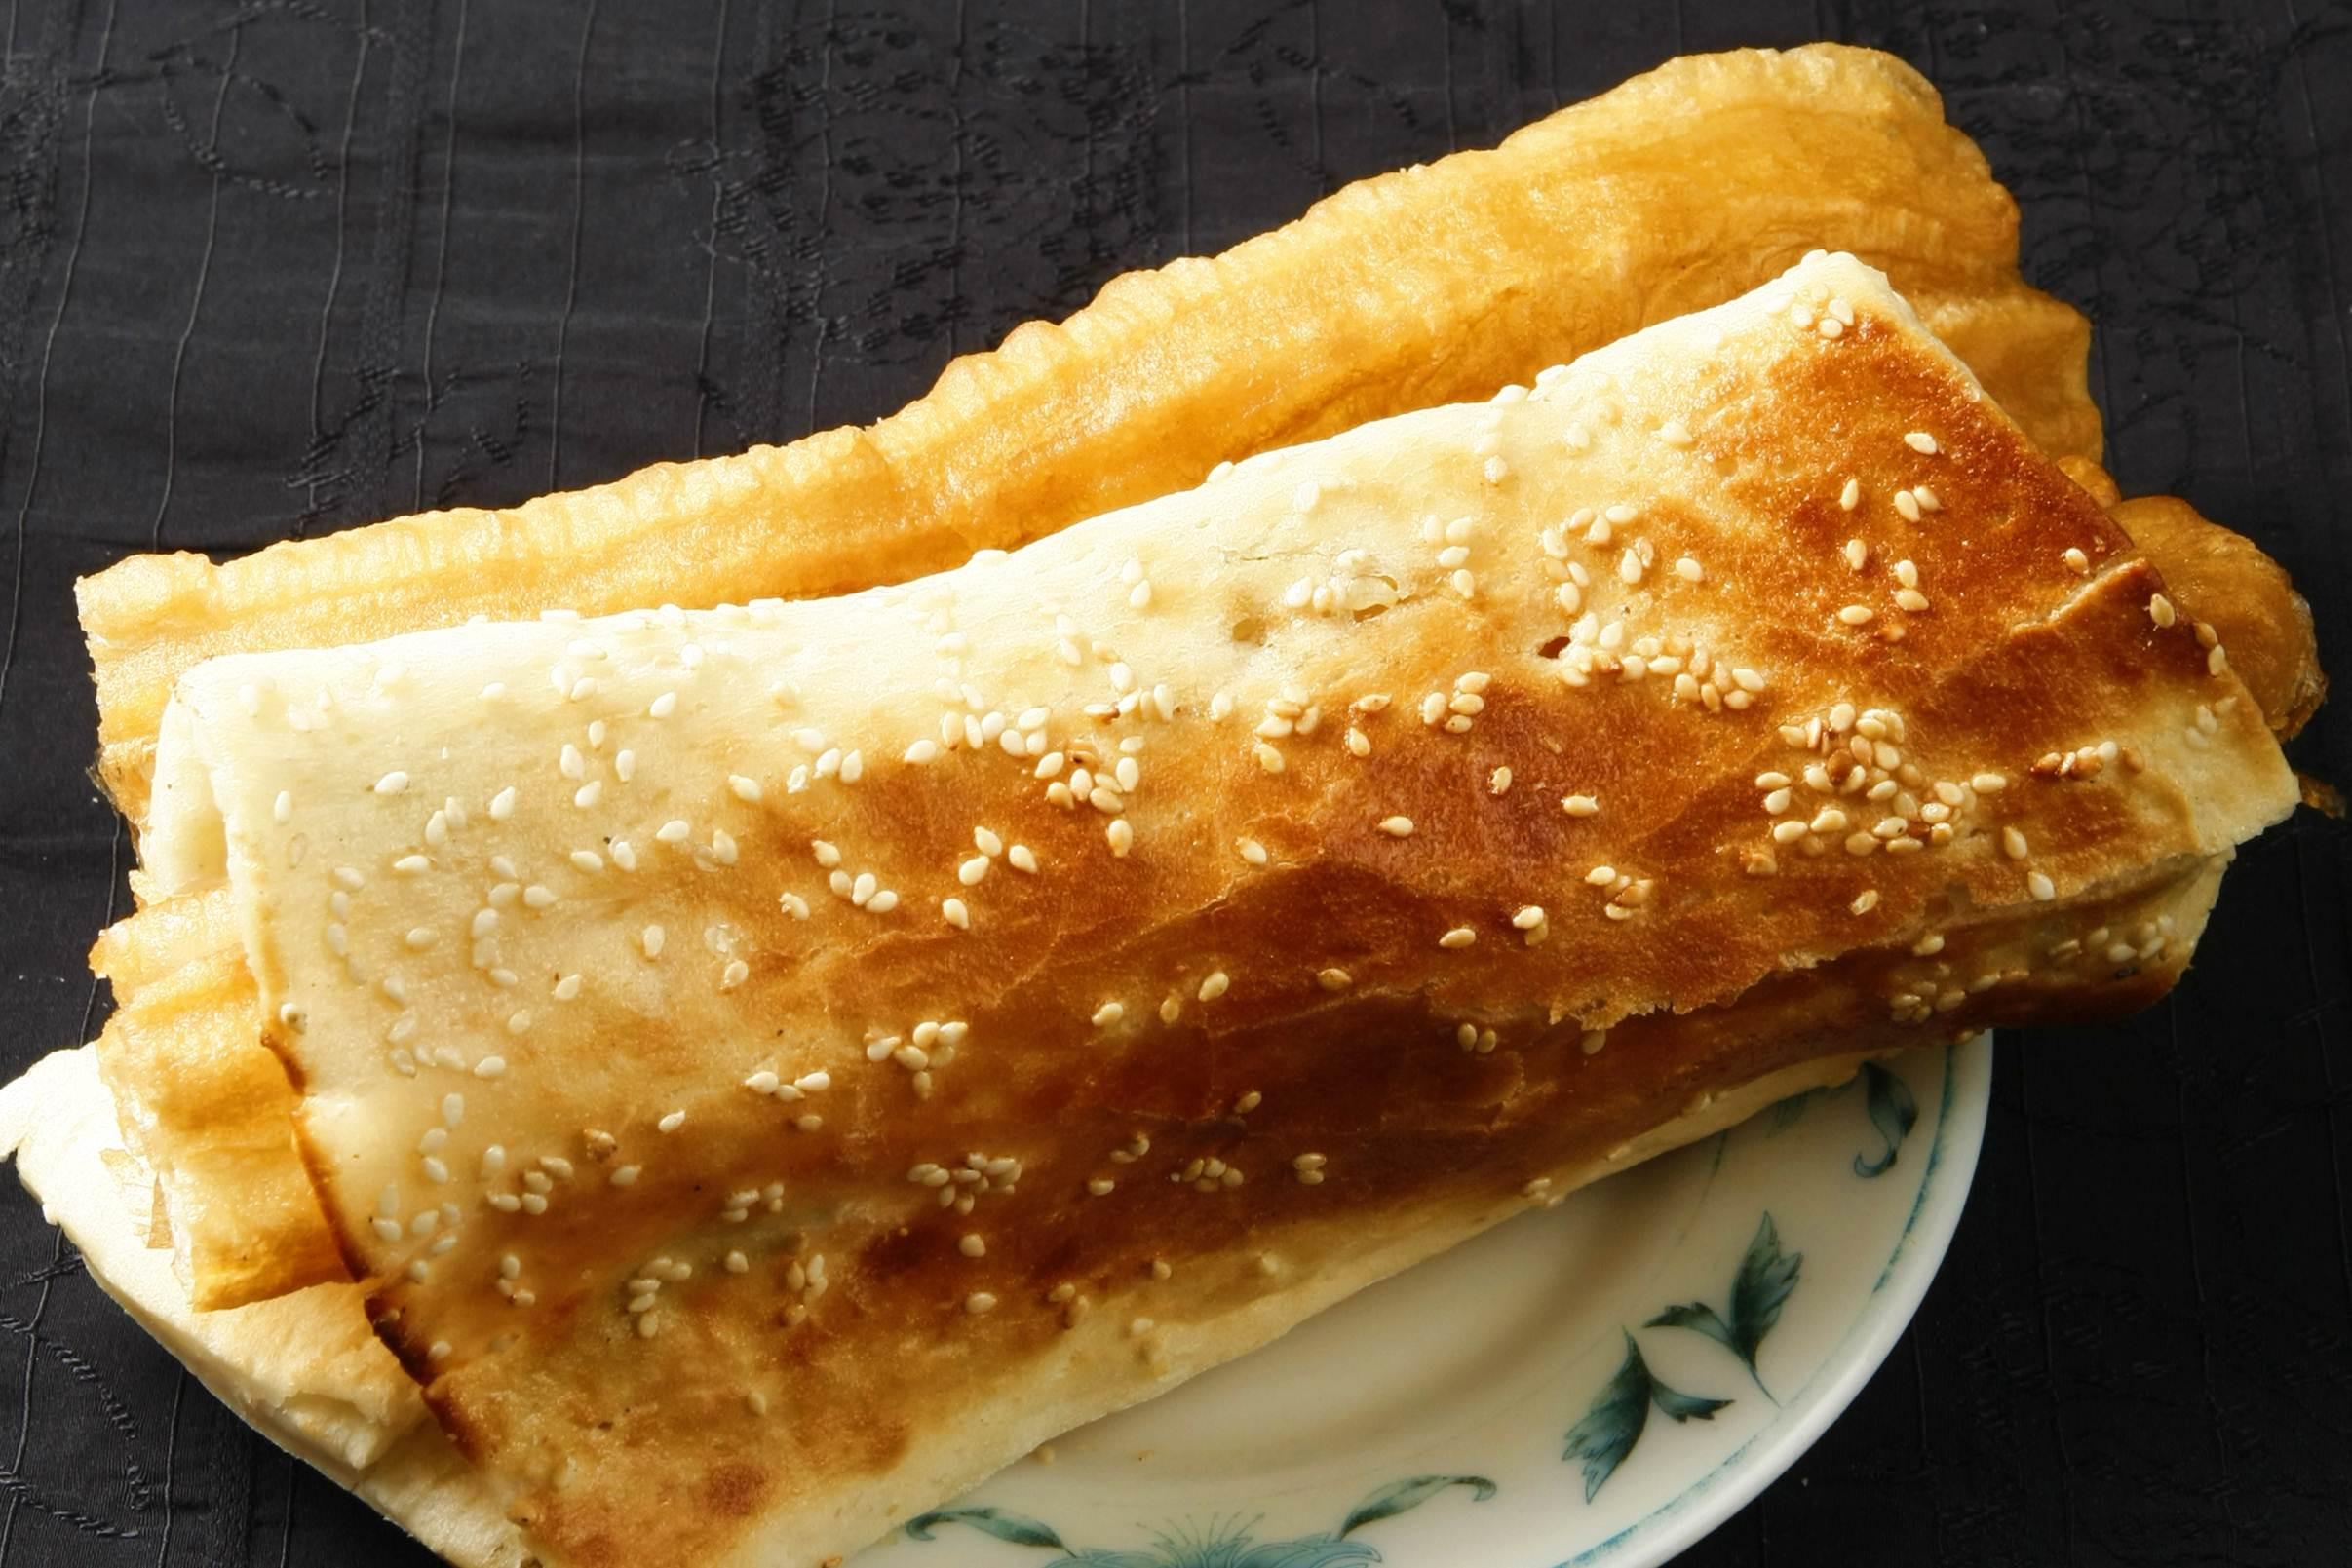 新北市萬里區 萬里豆漿伯店